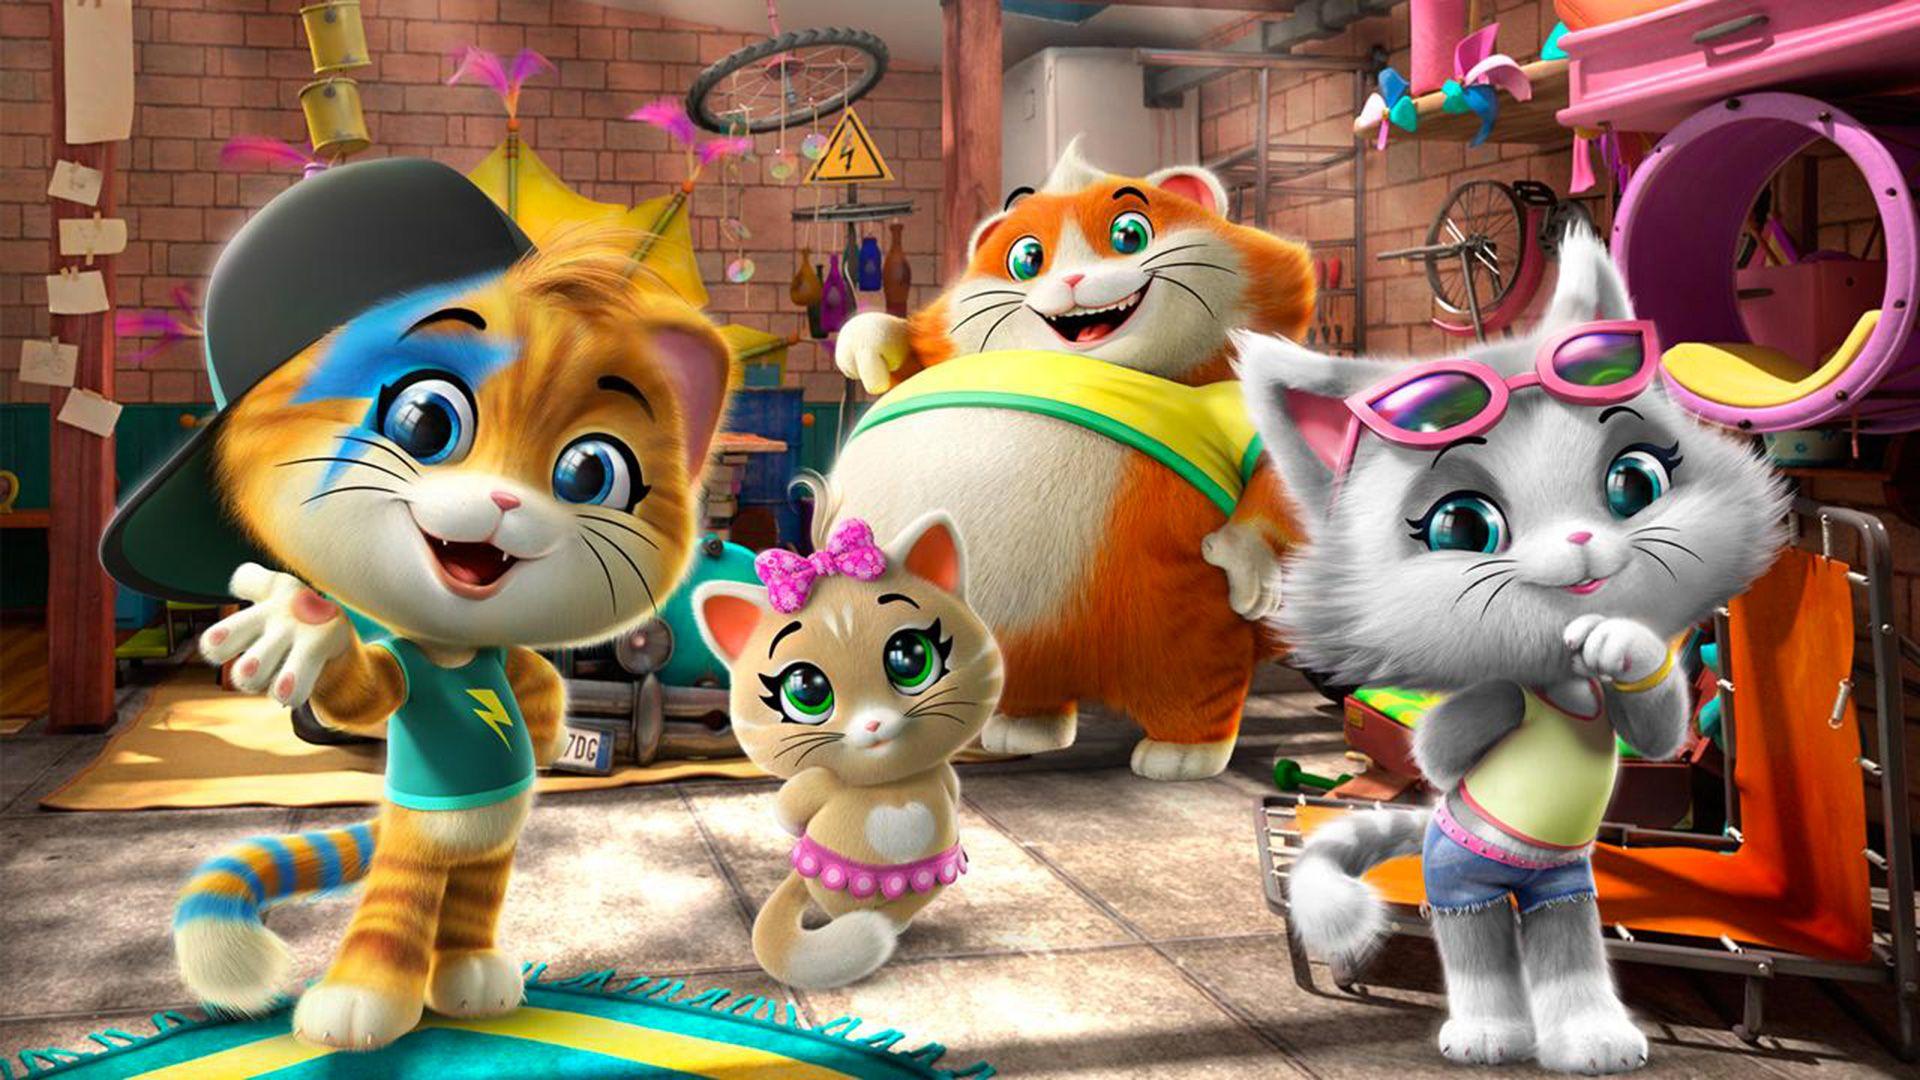 44 gatti dal 12 novembre la nuova serie animata prescolare su Rai YoYo